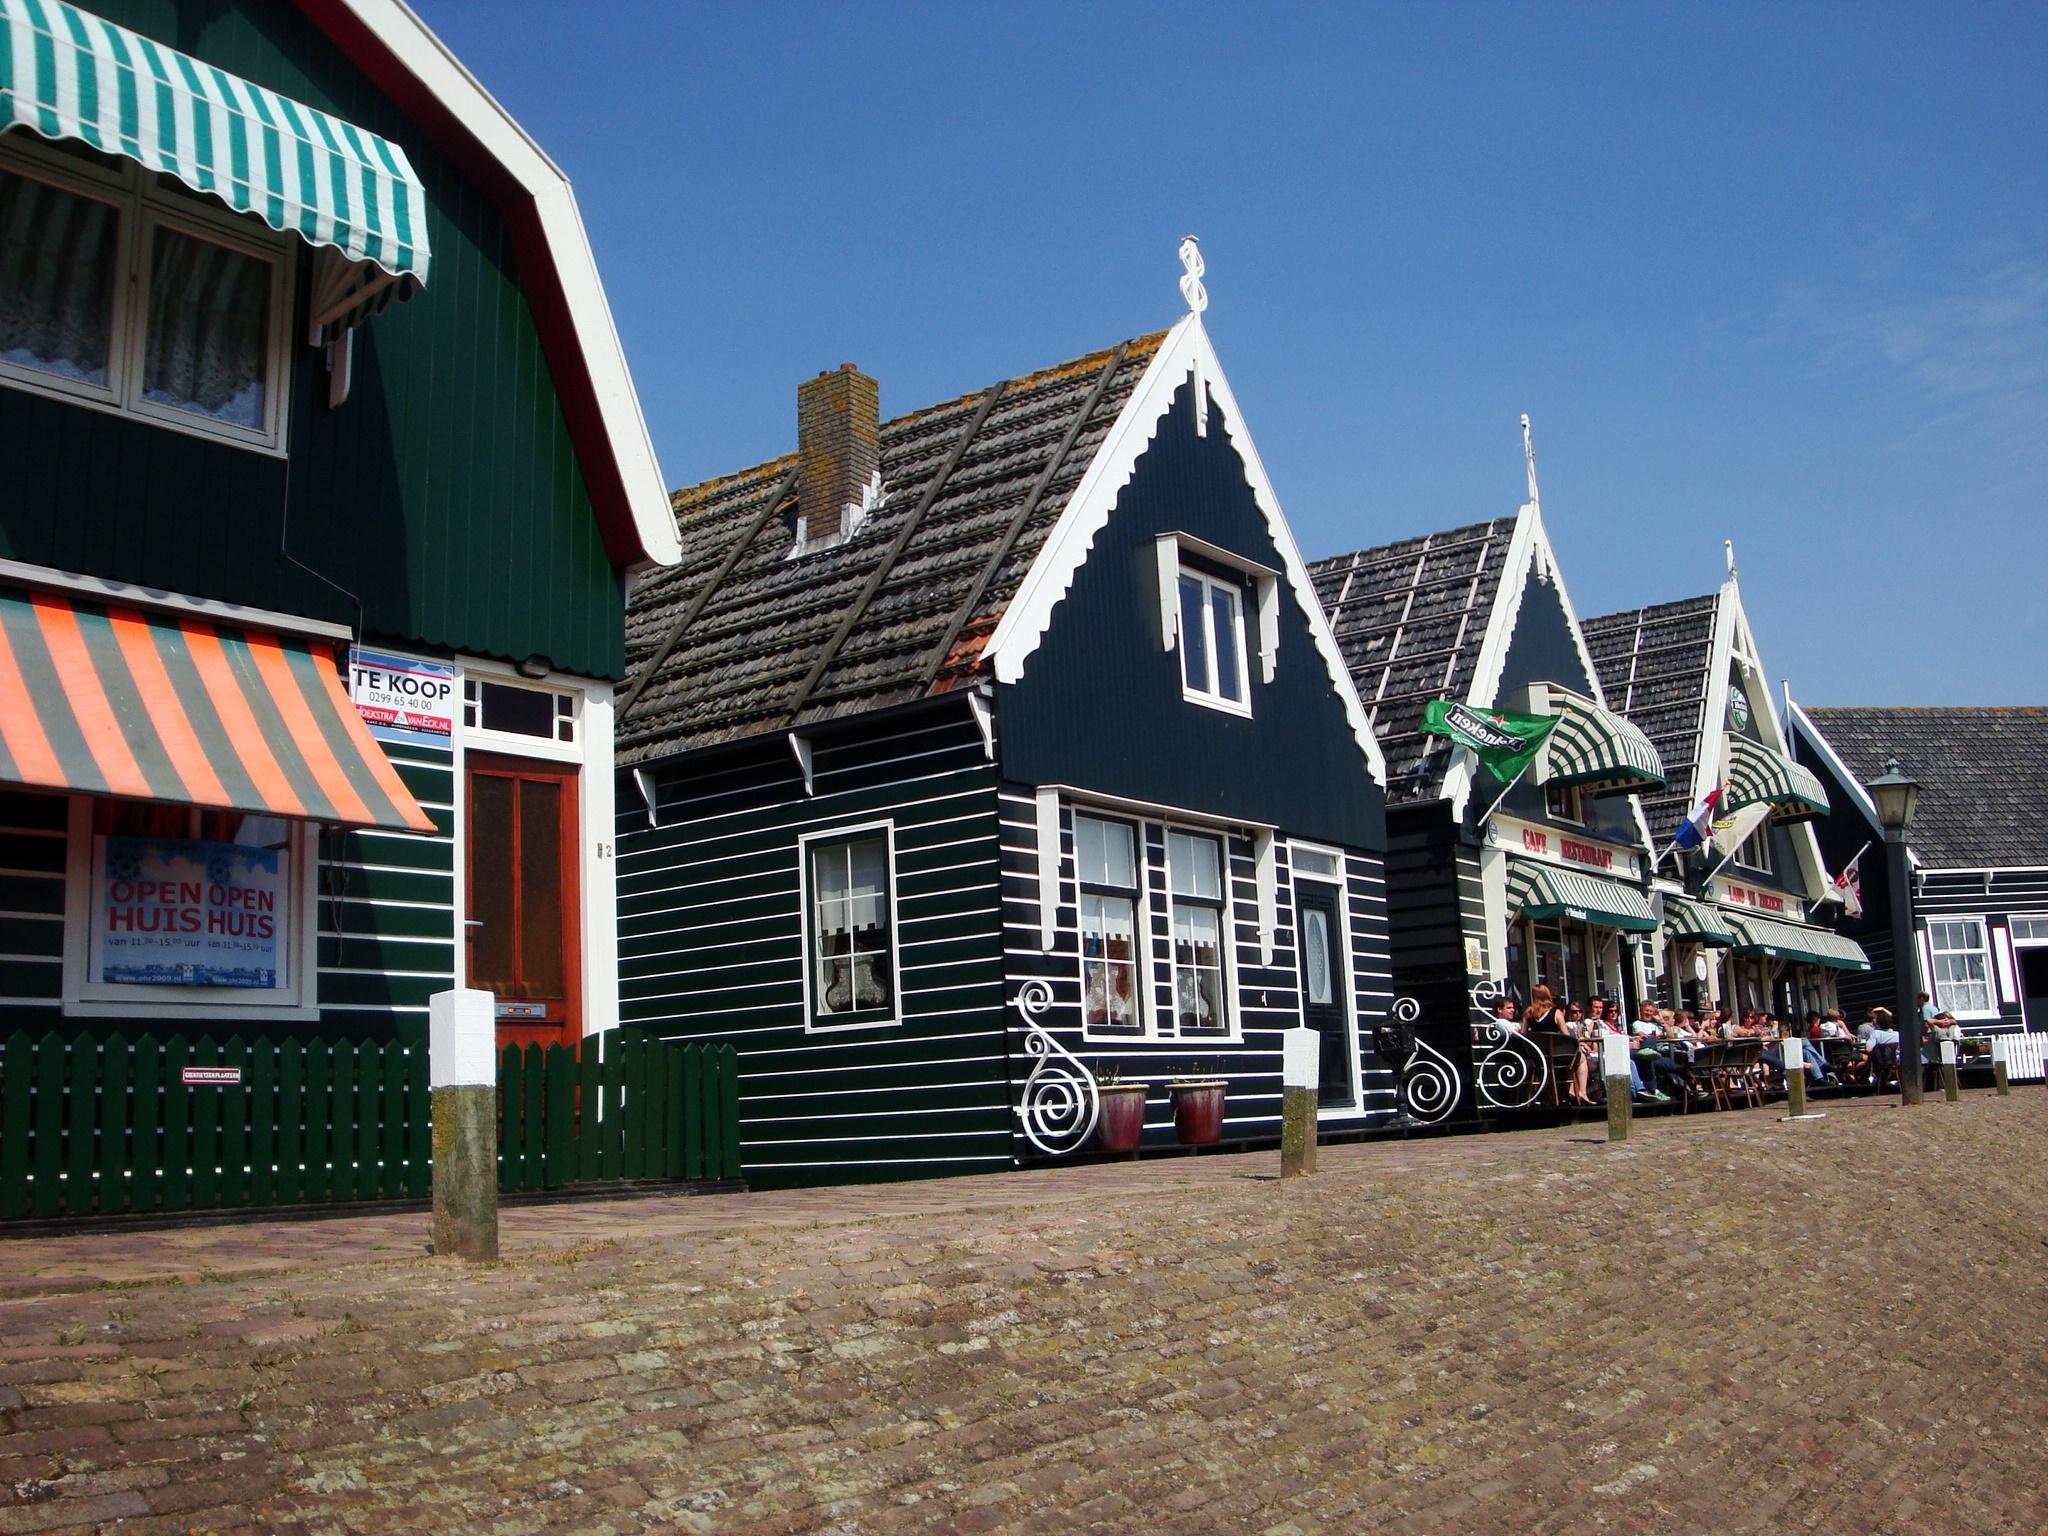 Geld toerisme marken moet terug naar eiland de erfgoedstem - Foto huizen ...